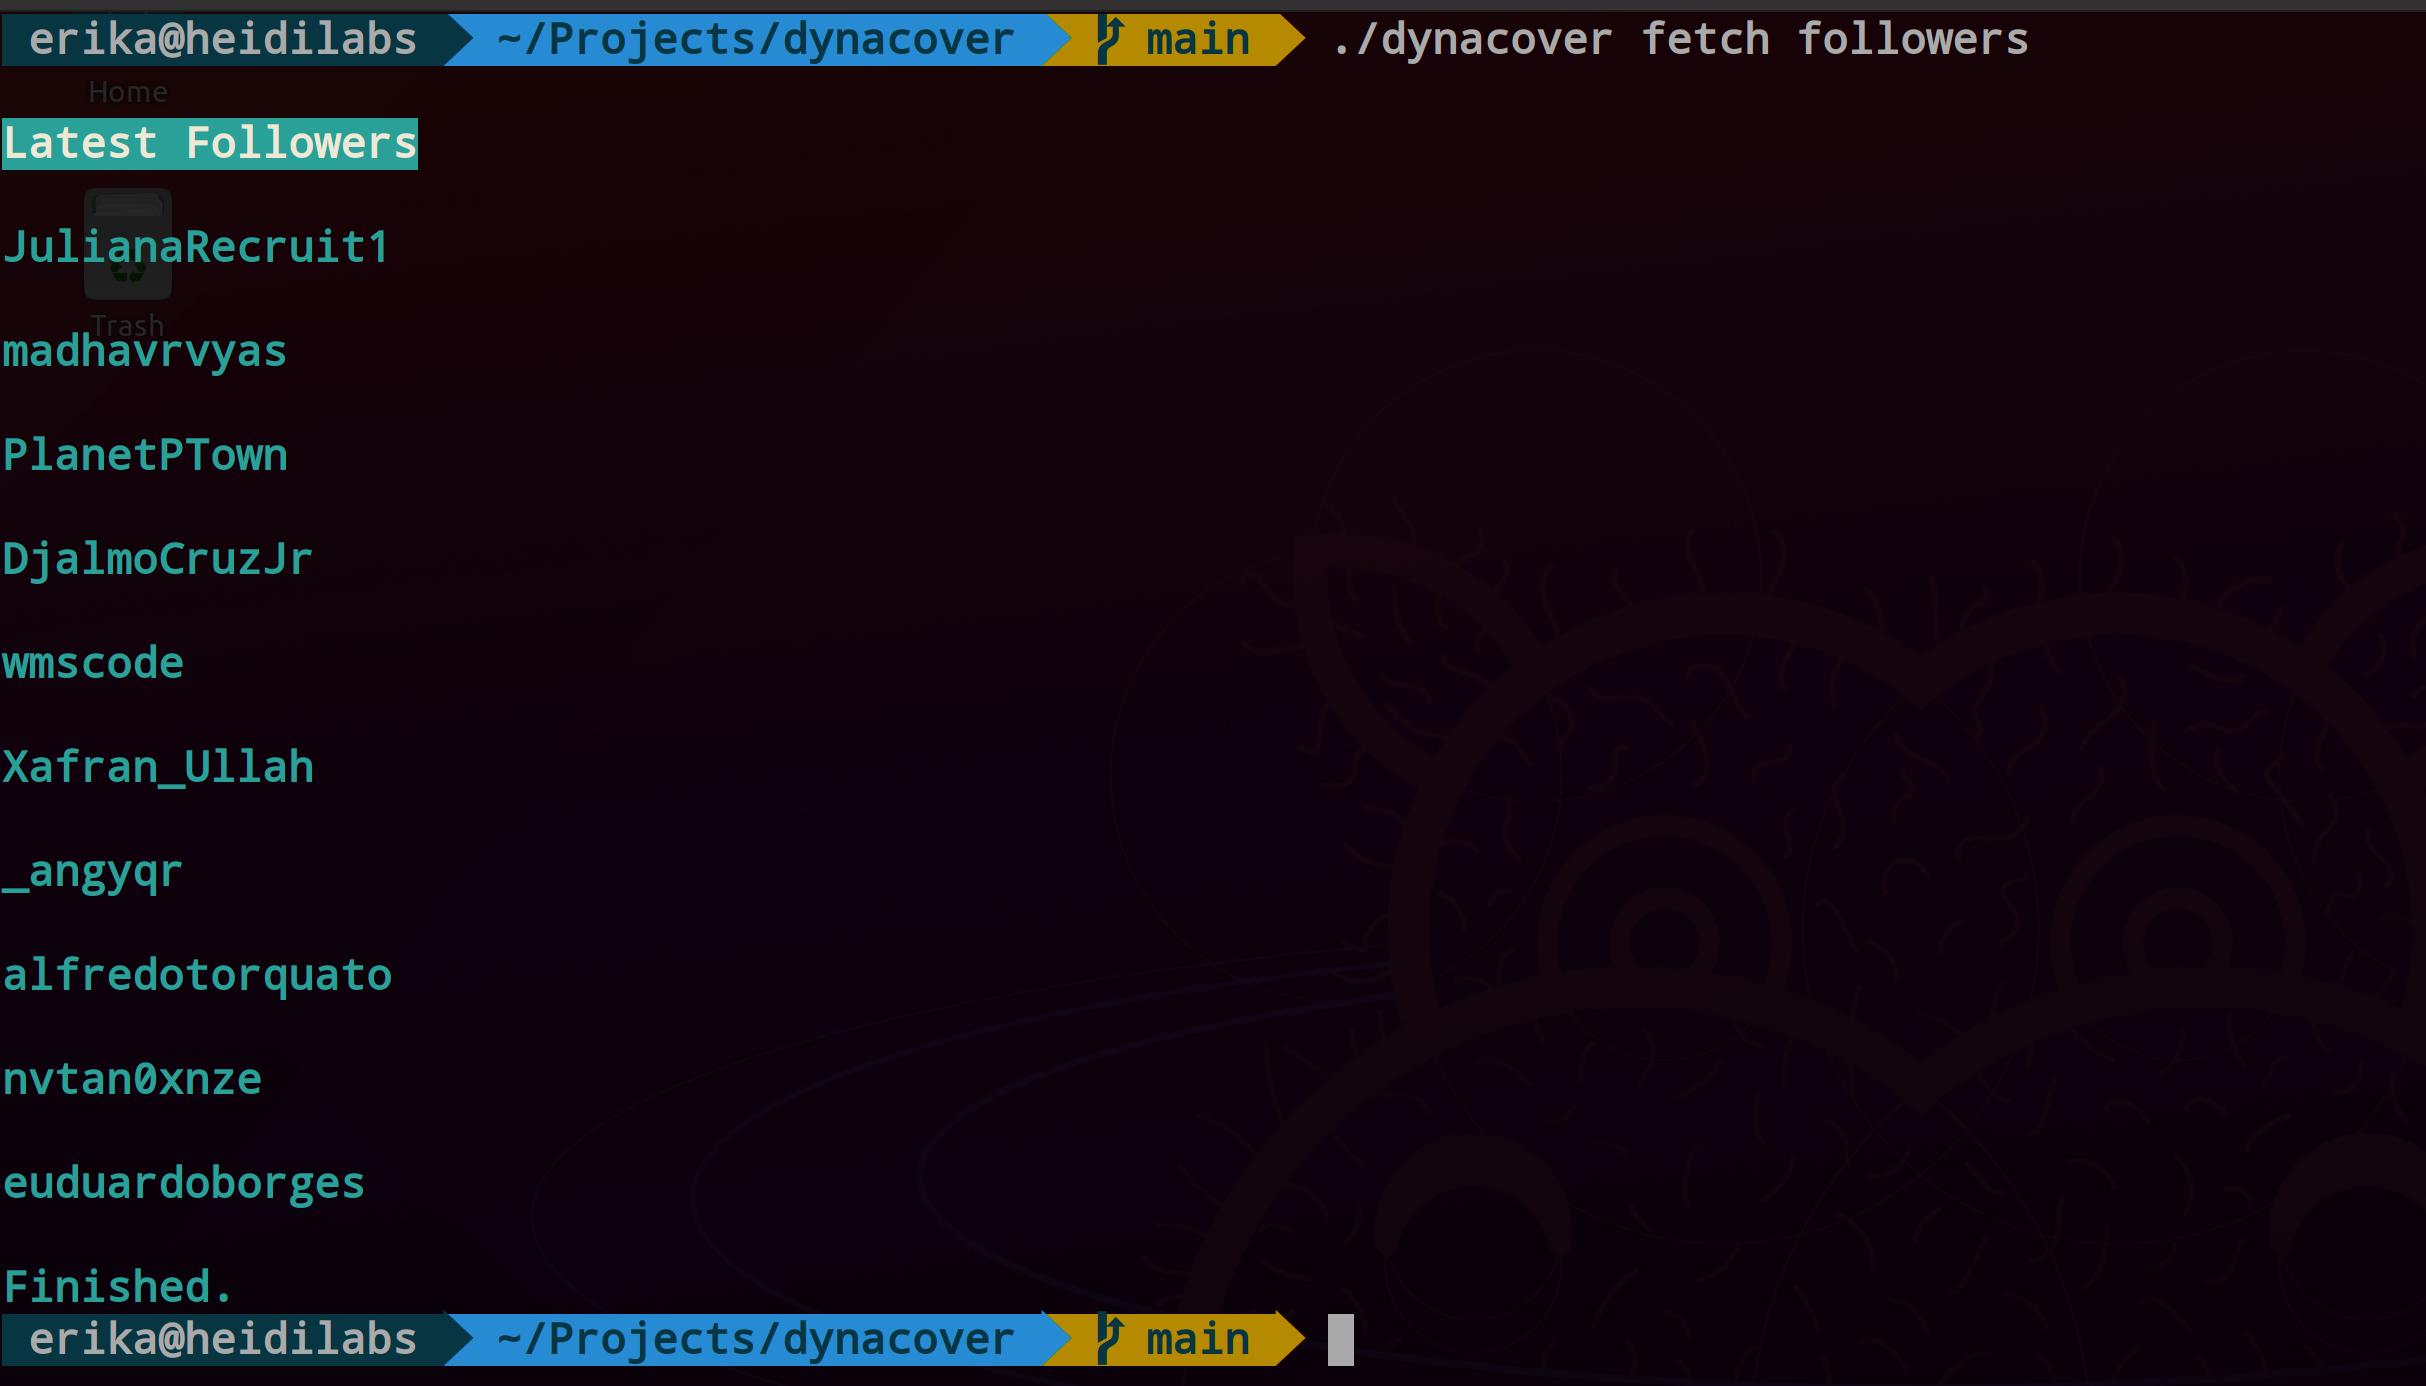 screenshot terminal list recent followers